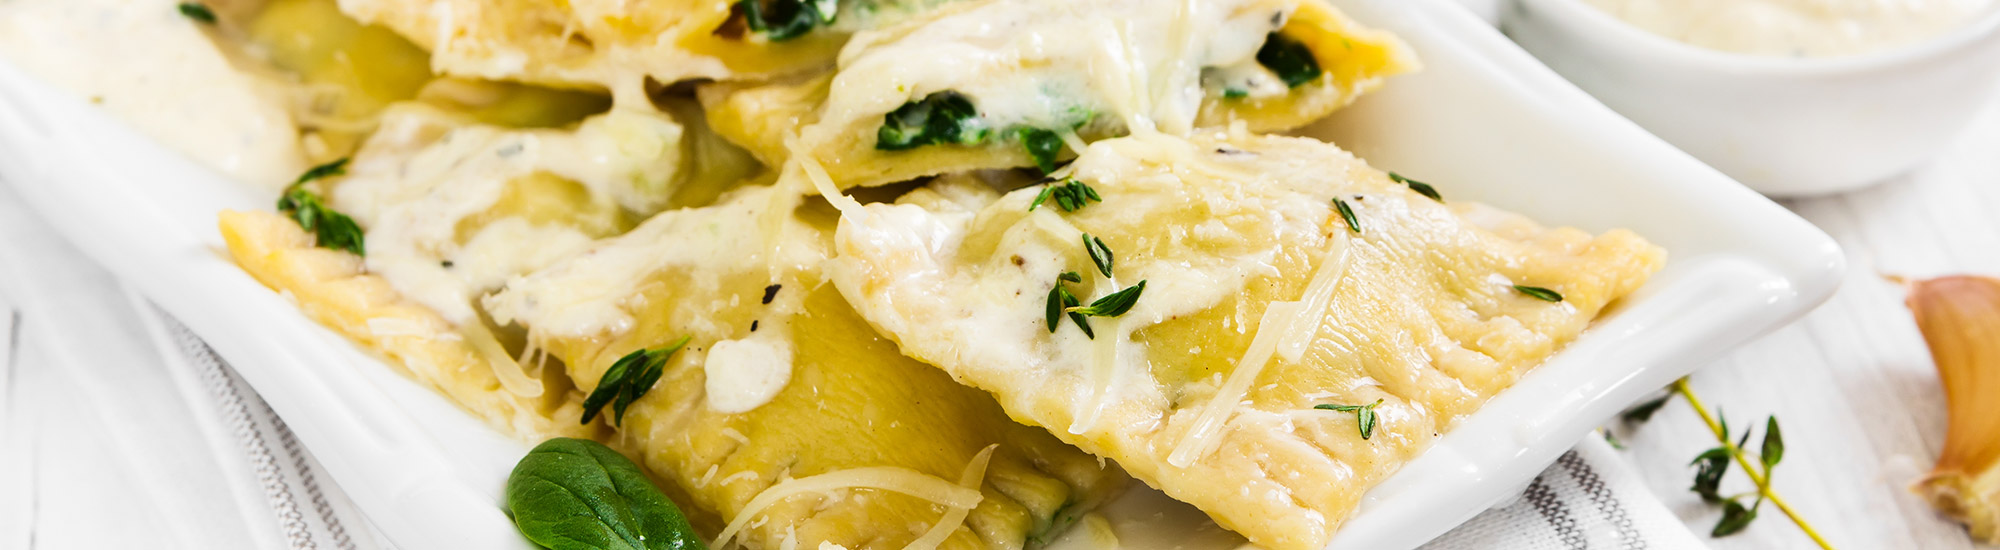 ricetta Ravioloni ricotta e spinaci alla crema di parmigiano con pasta fresca